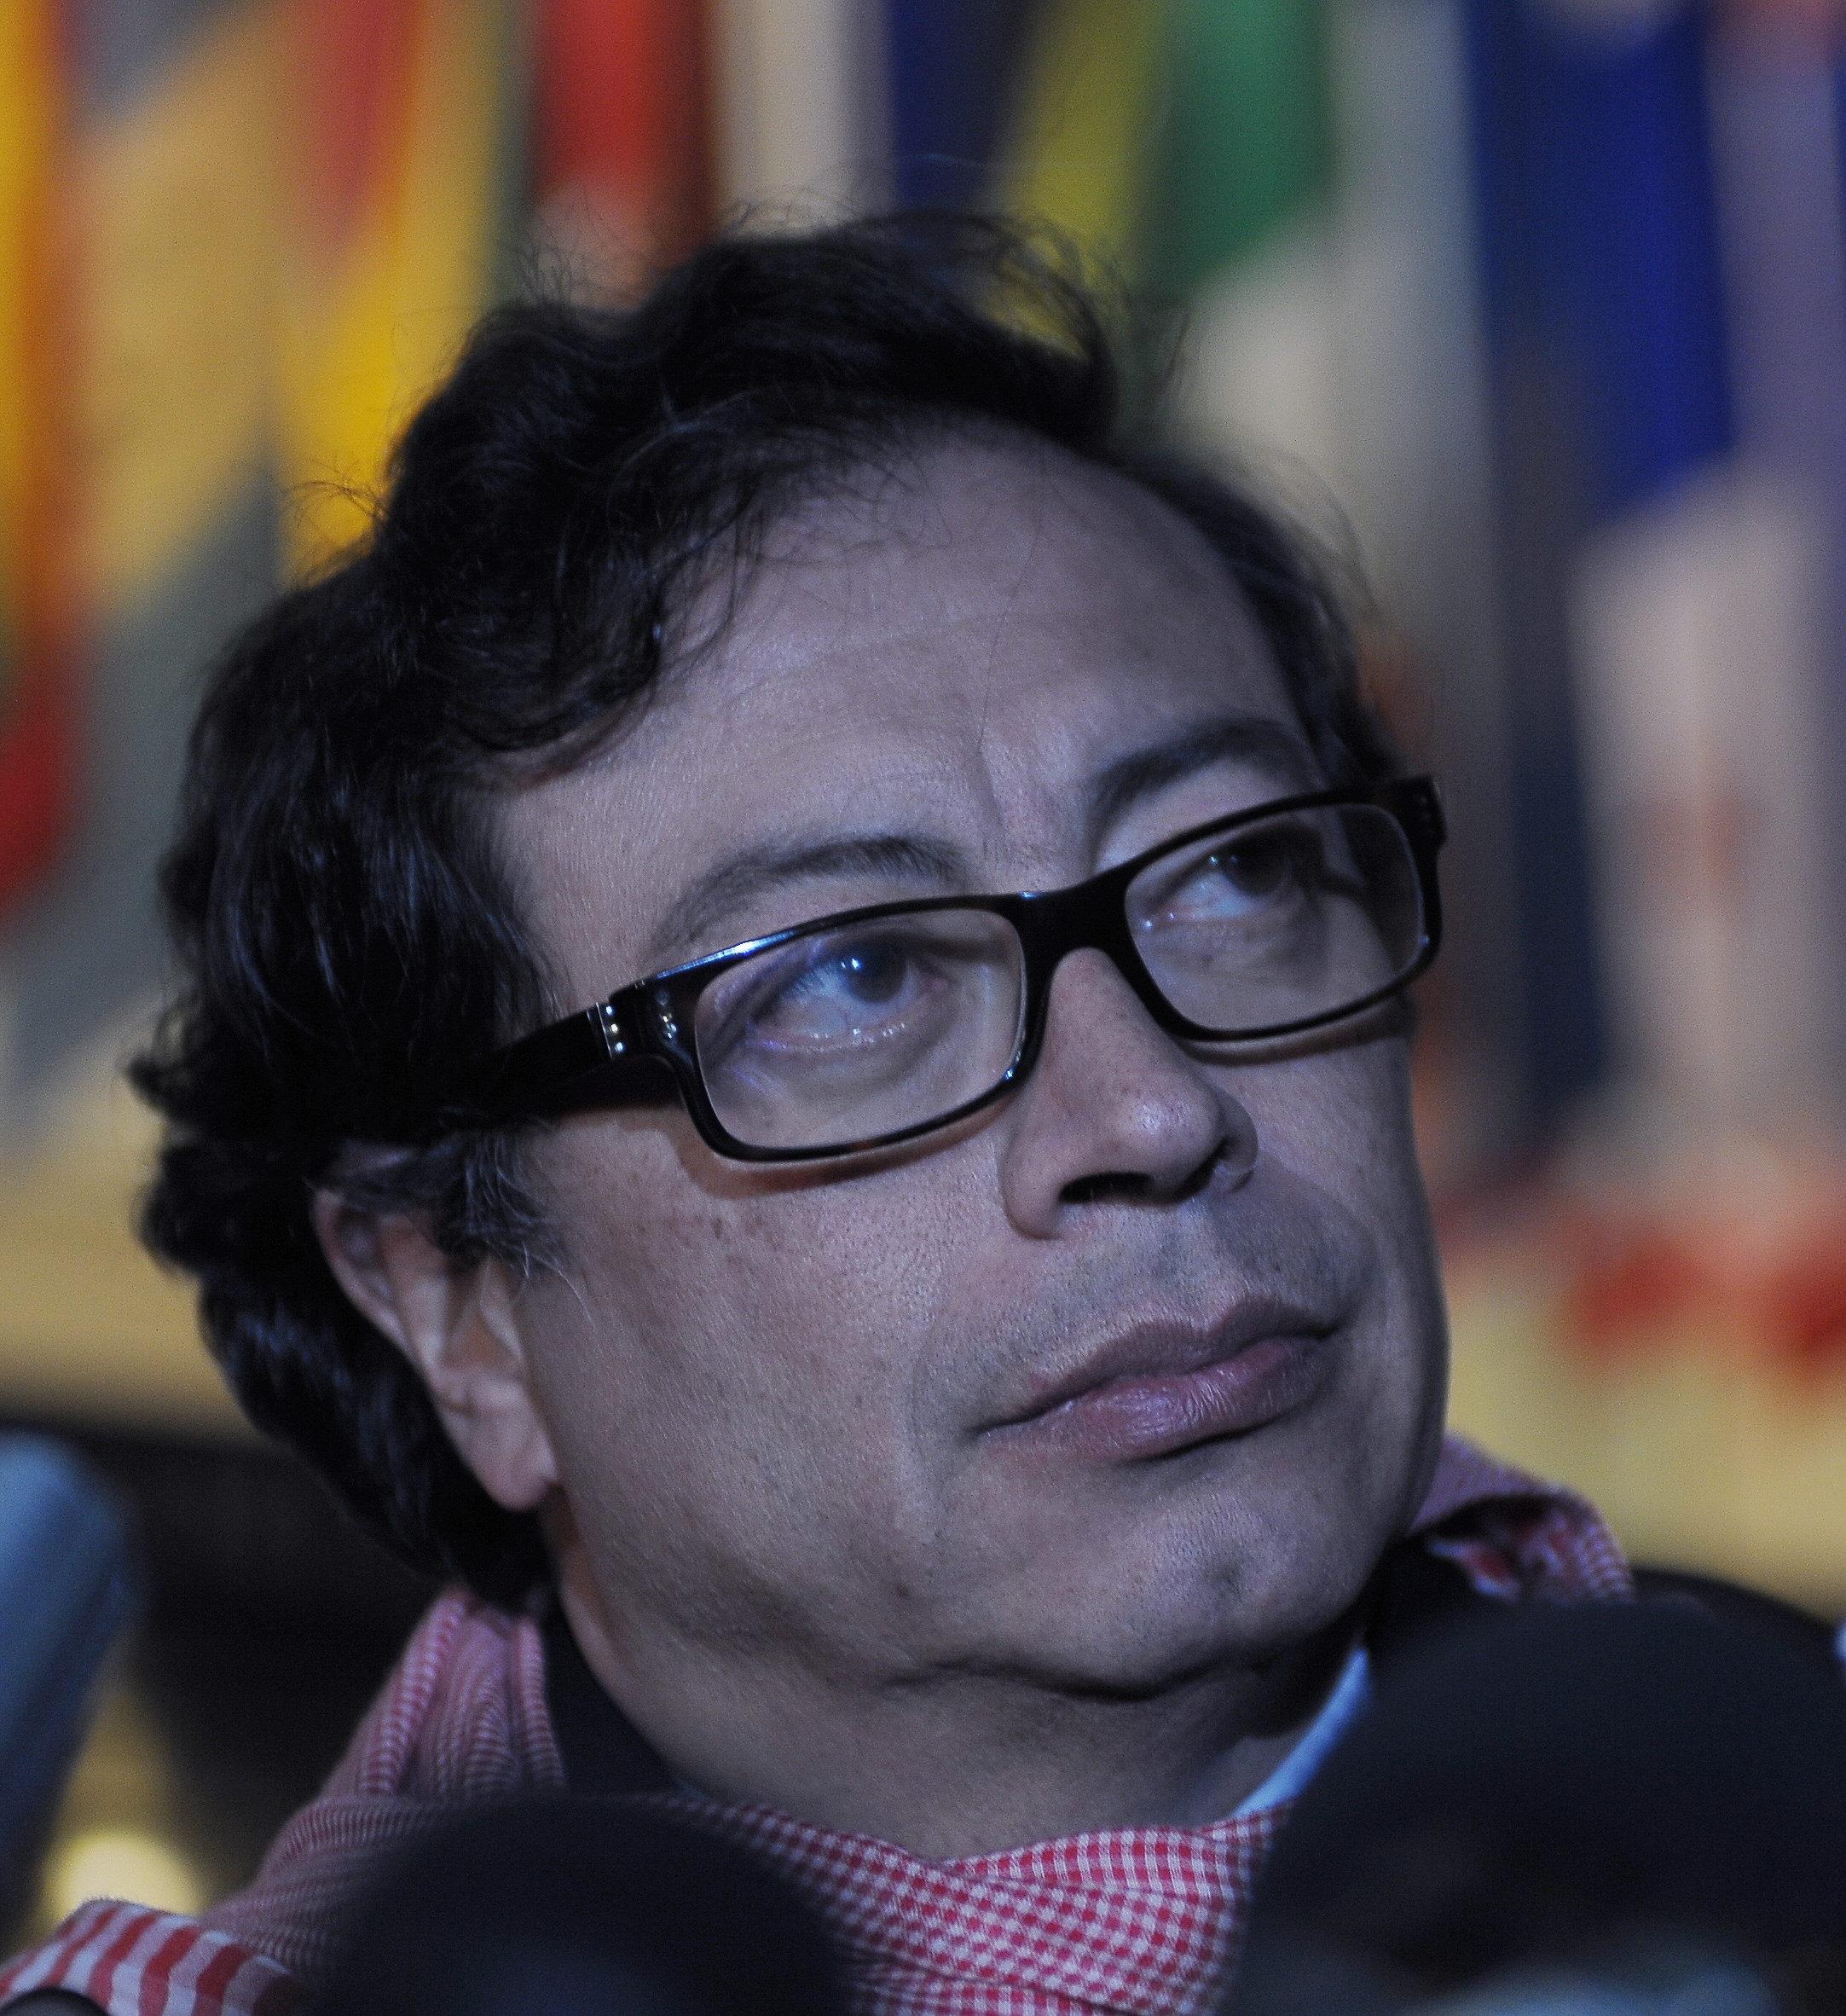 El alcalde de Bogotá dice que prefiere que su futuro político lo definan las urnas y no un funcionario